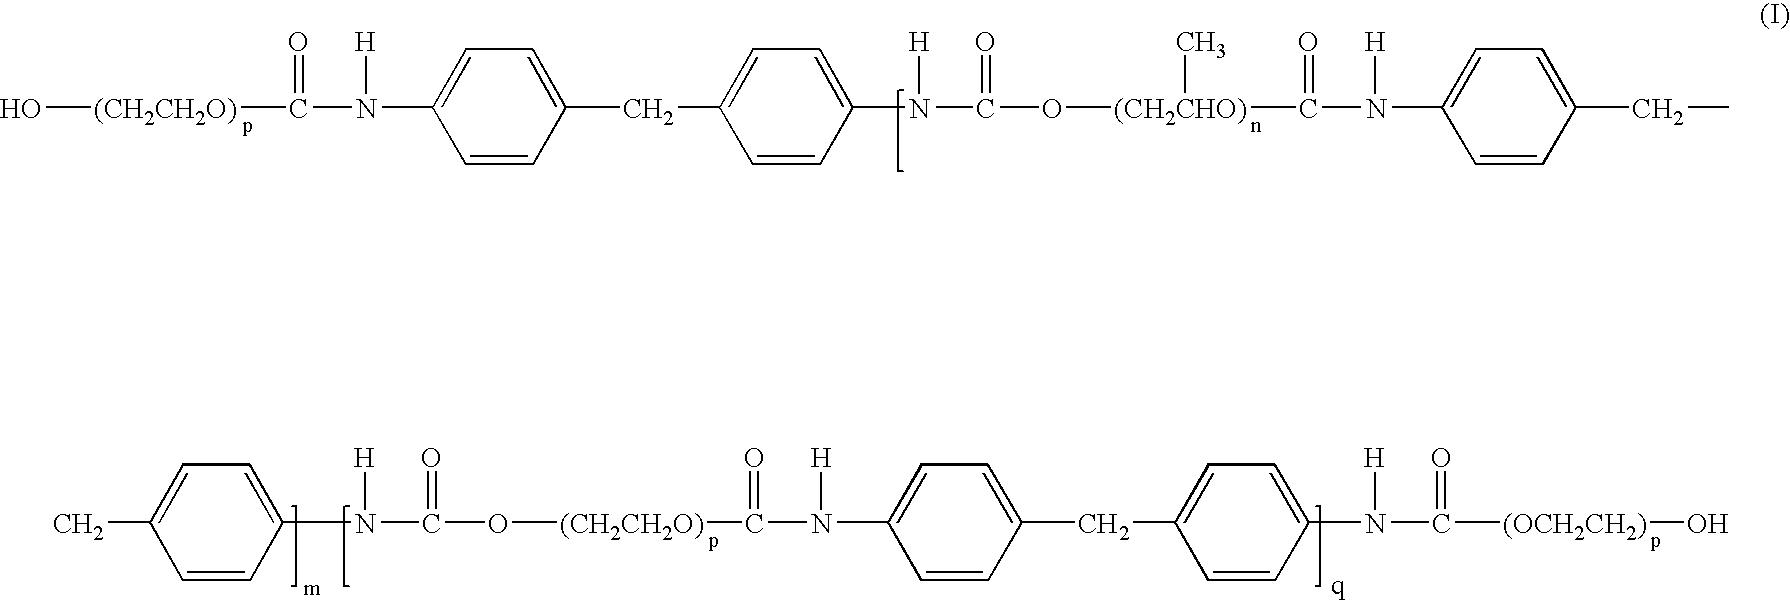 Figure US20050176893A1-20050811-C00001